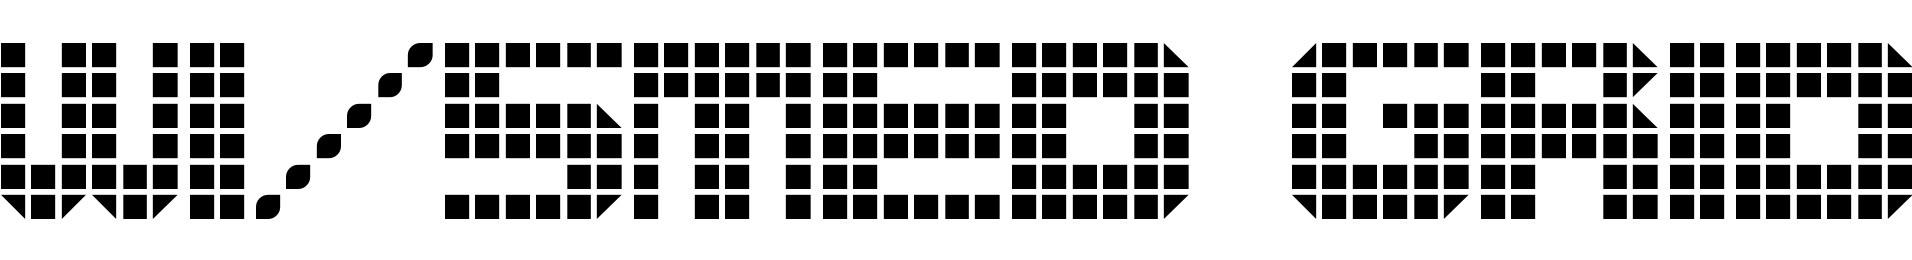 wi/5Med Grid